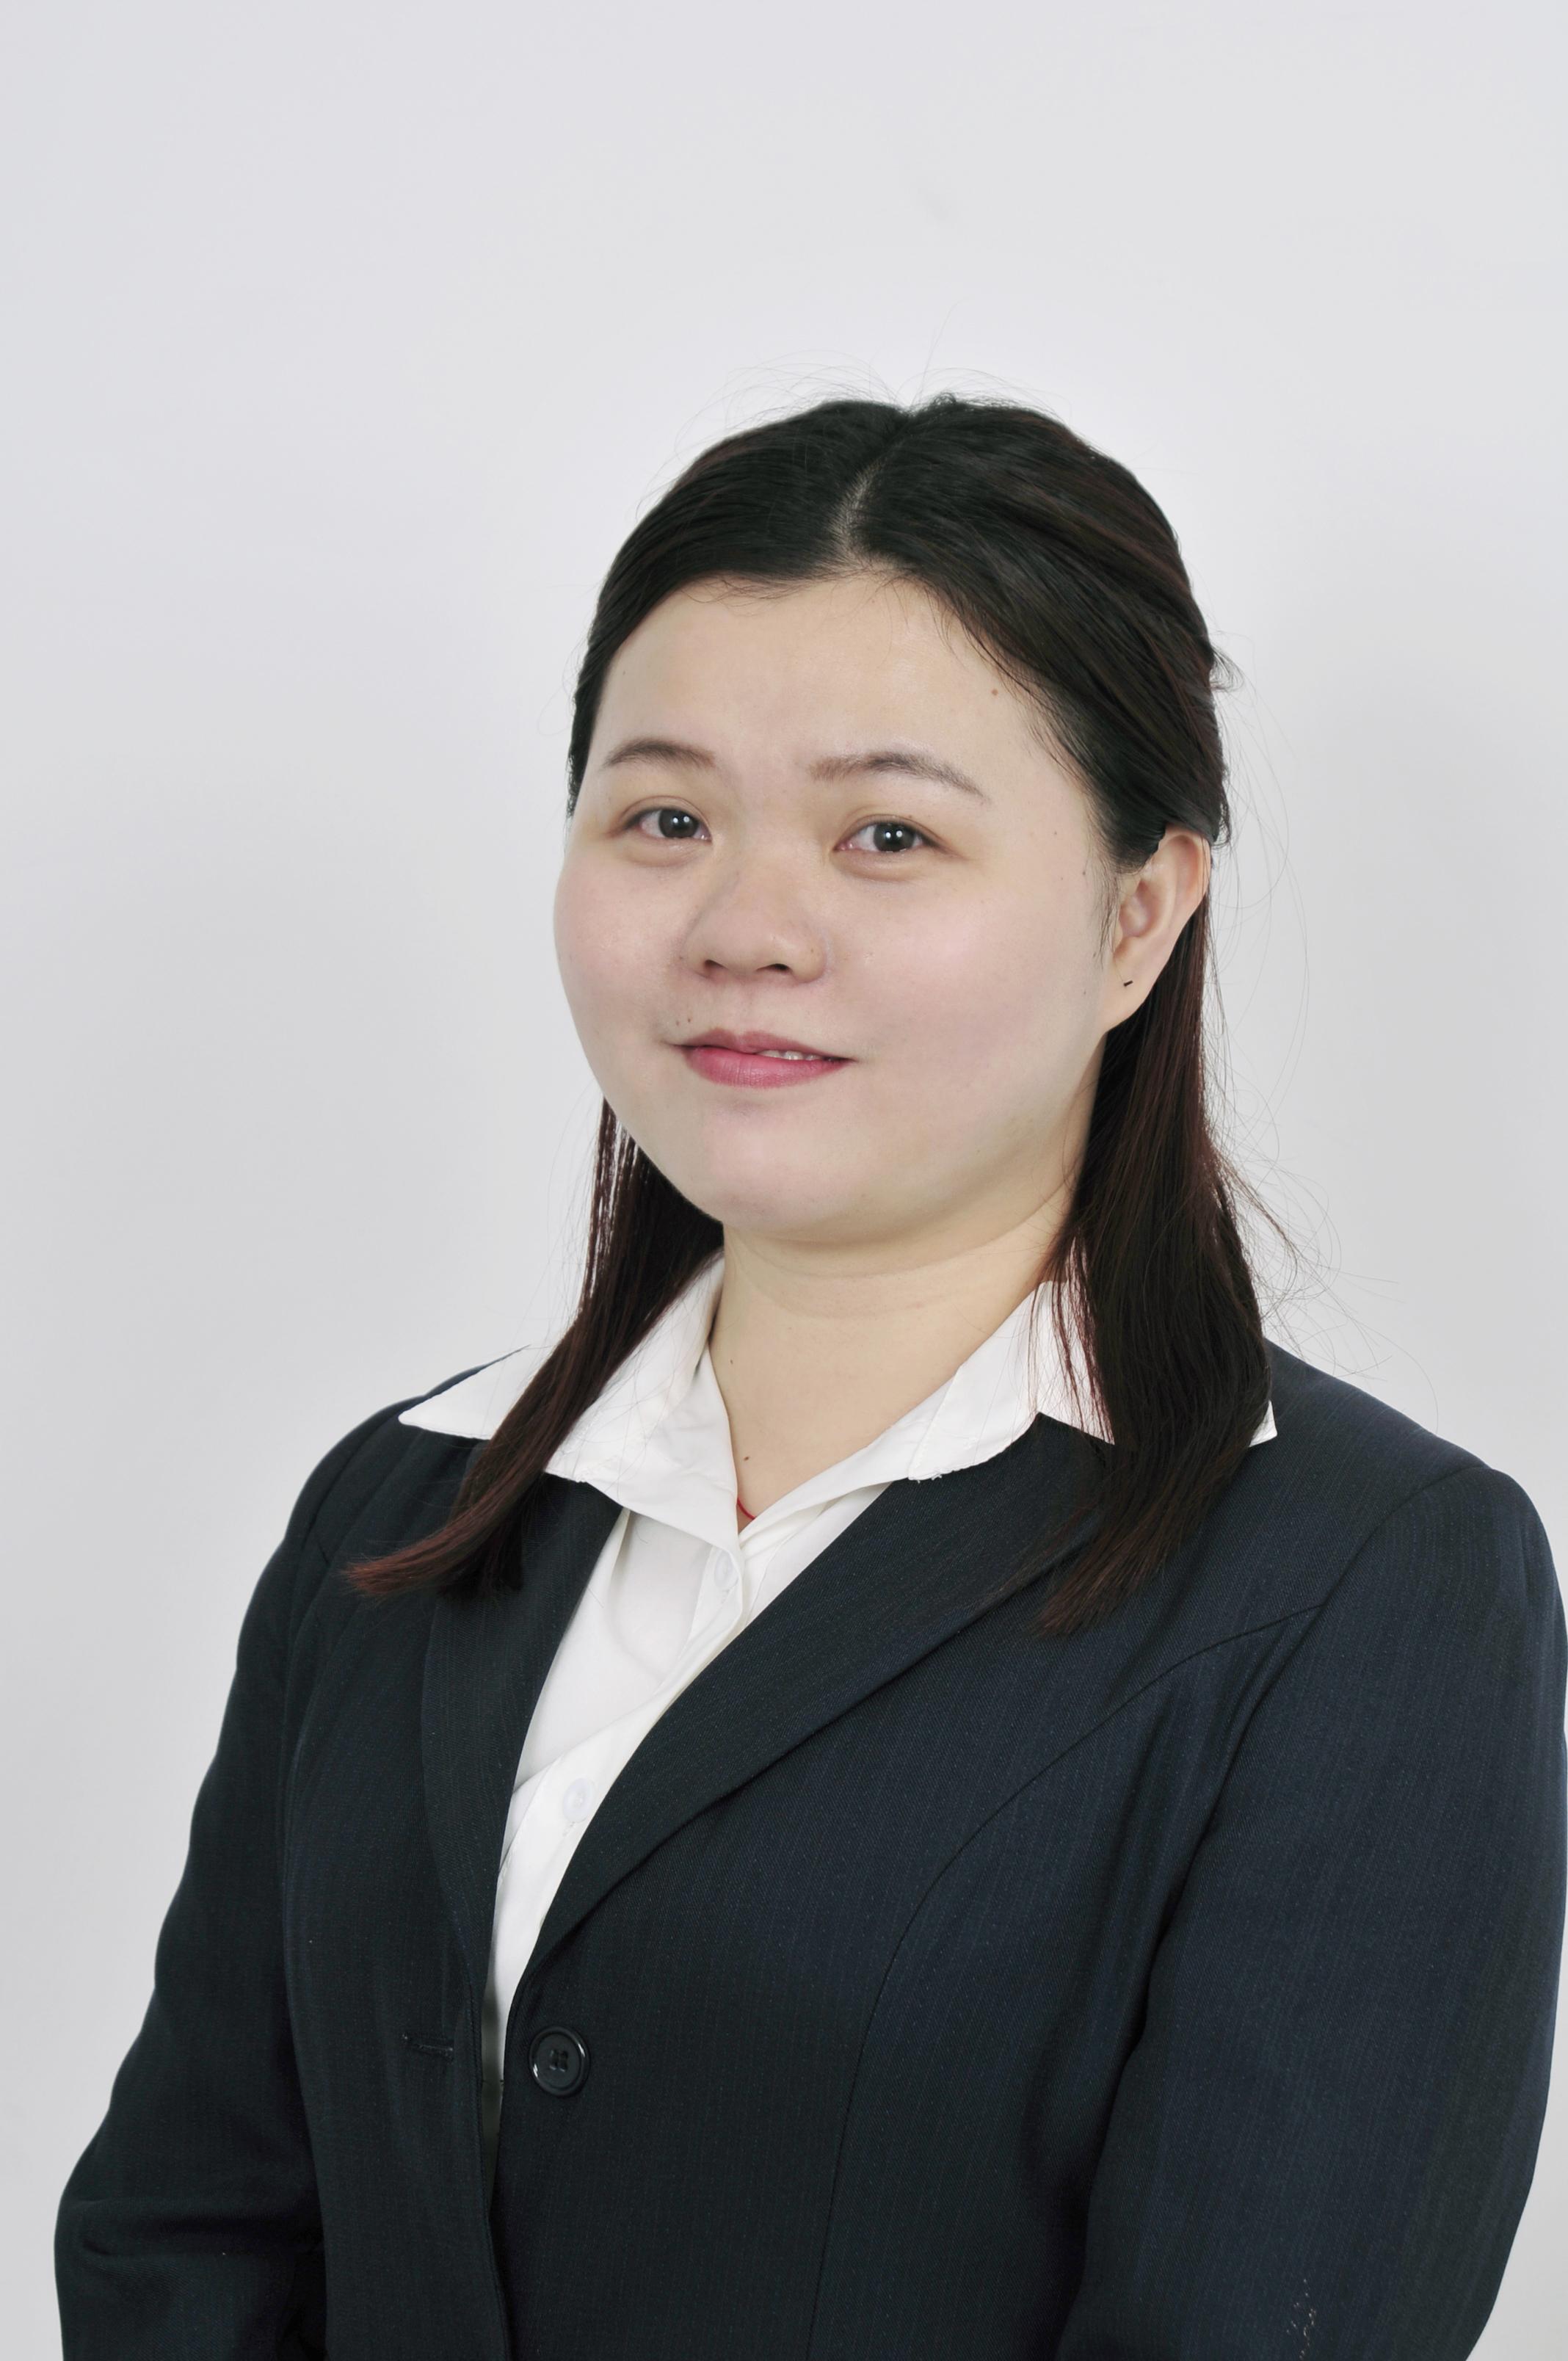 广州家教黄丽娜老师